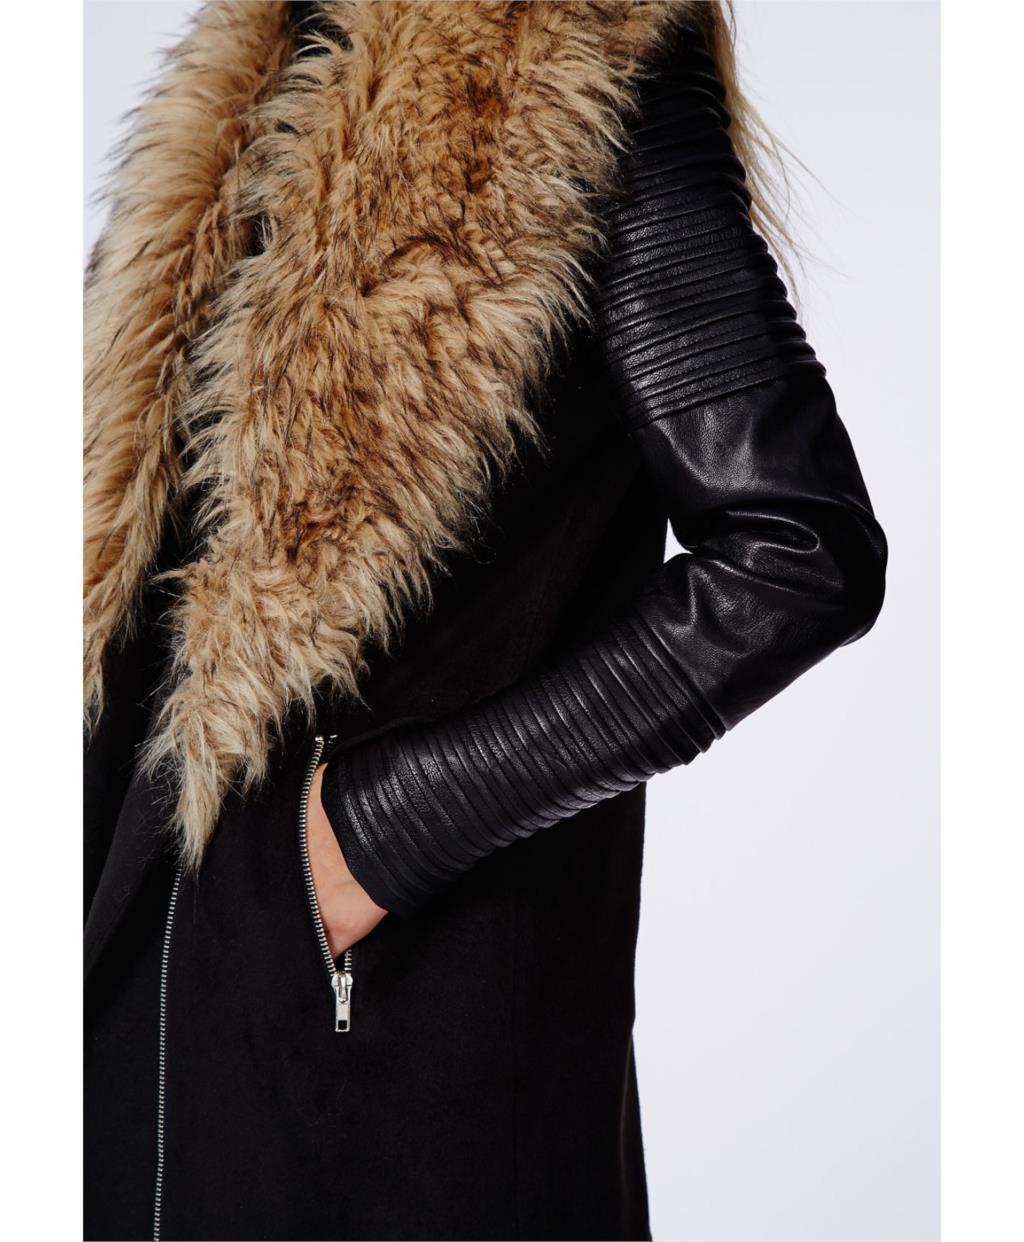 9c844b413f6 2019 Wholesale Plus Size Faux Fur Coat XS 2XL Manteau Fourrure Femme ...